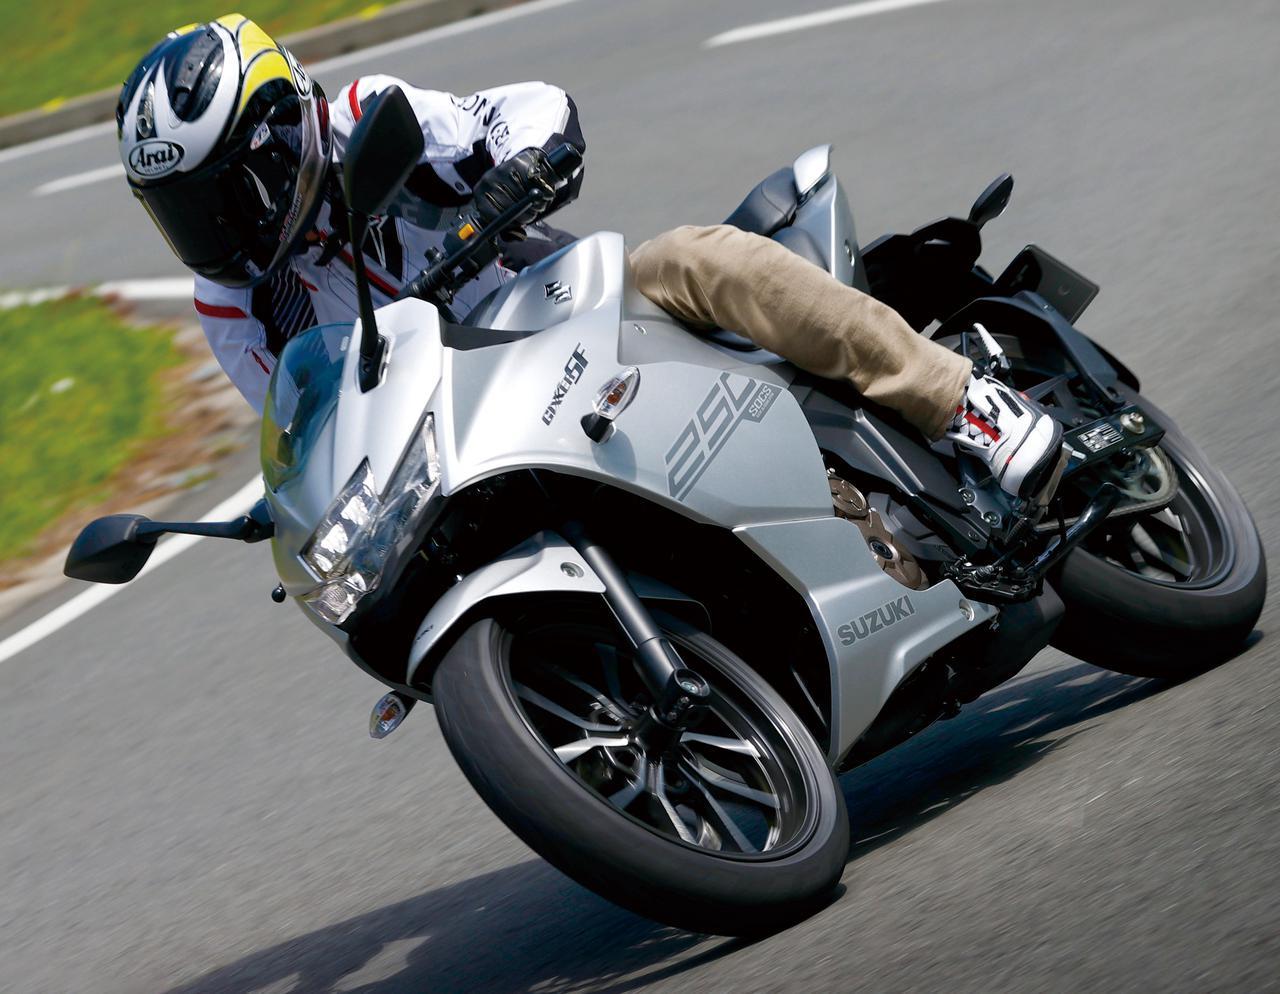 スズキ「ジクサーSF250」油冷エンジンを搭載した新型250ccスポーツバイクの実力を徹底検証!【試乗インプレ・車両解説】(2020年)